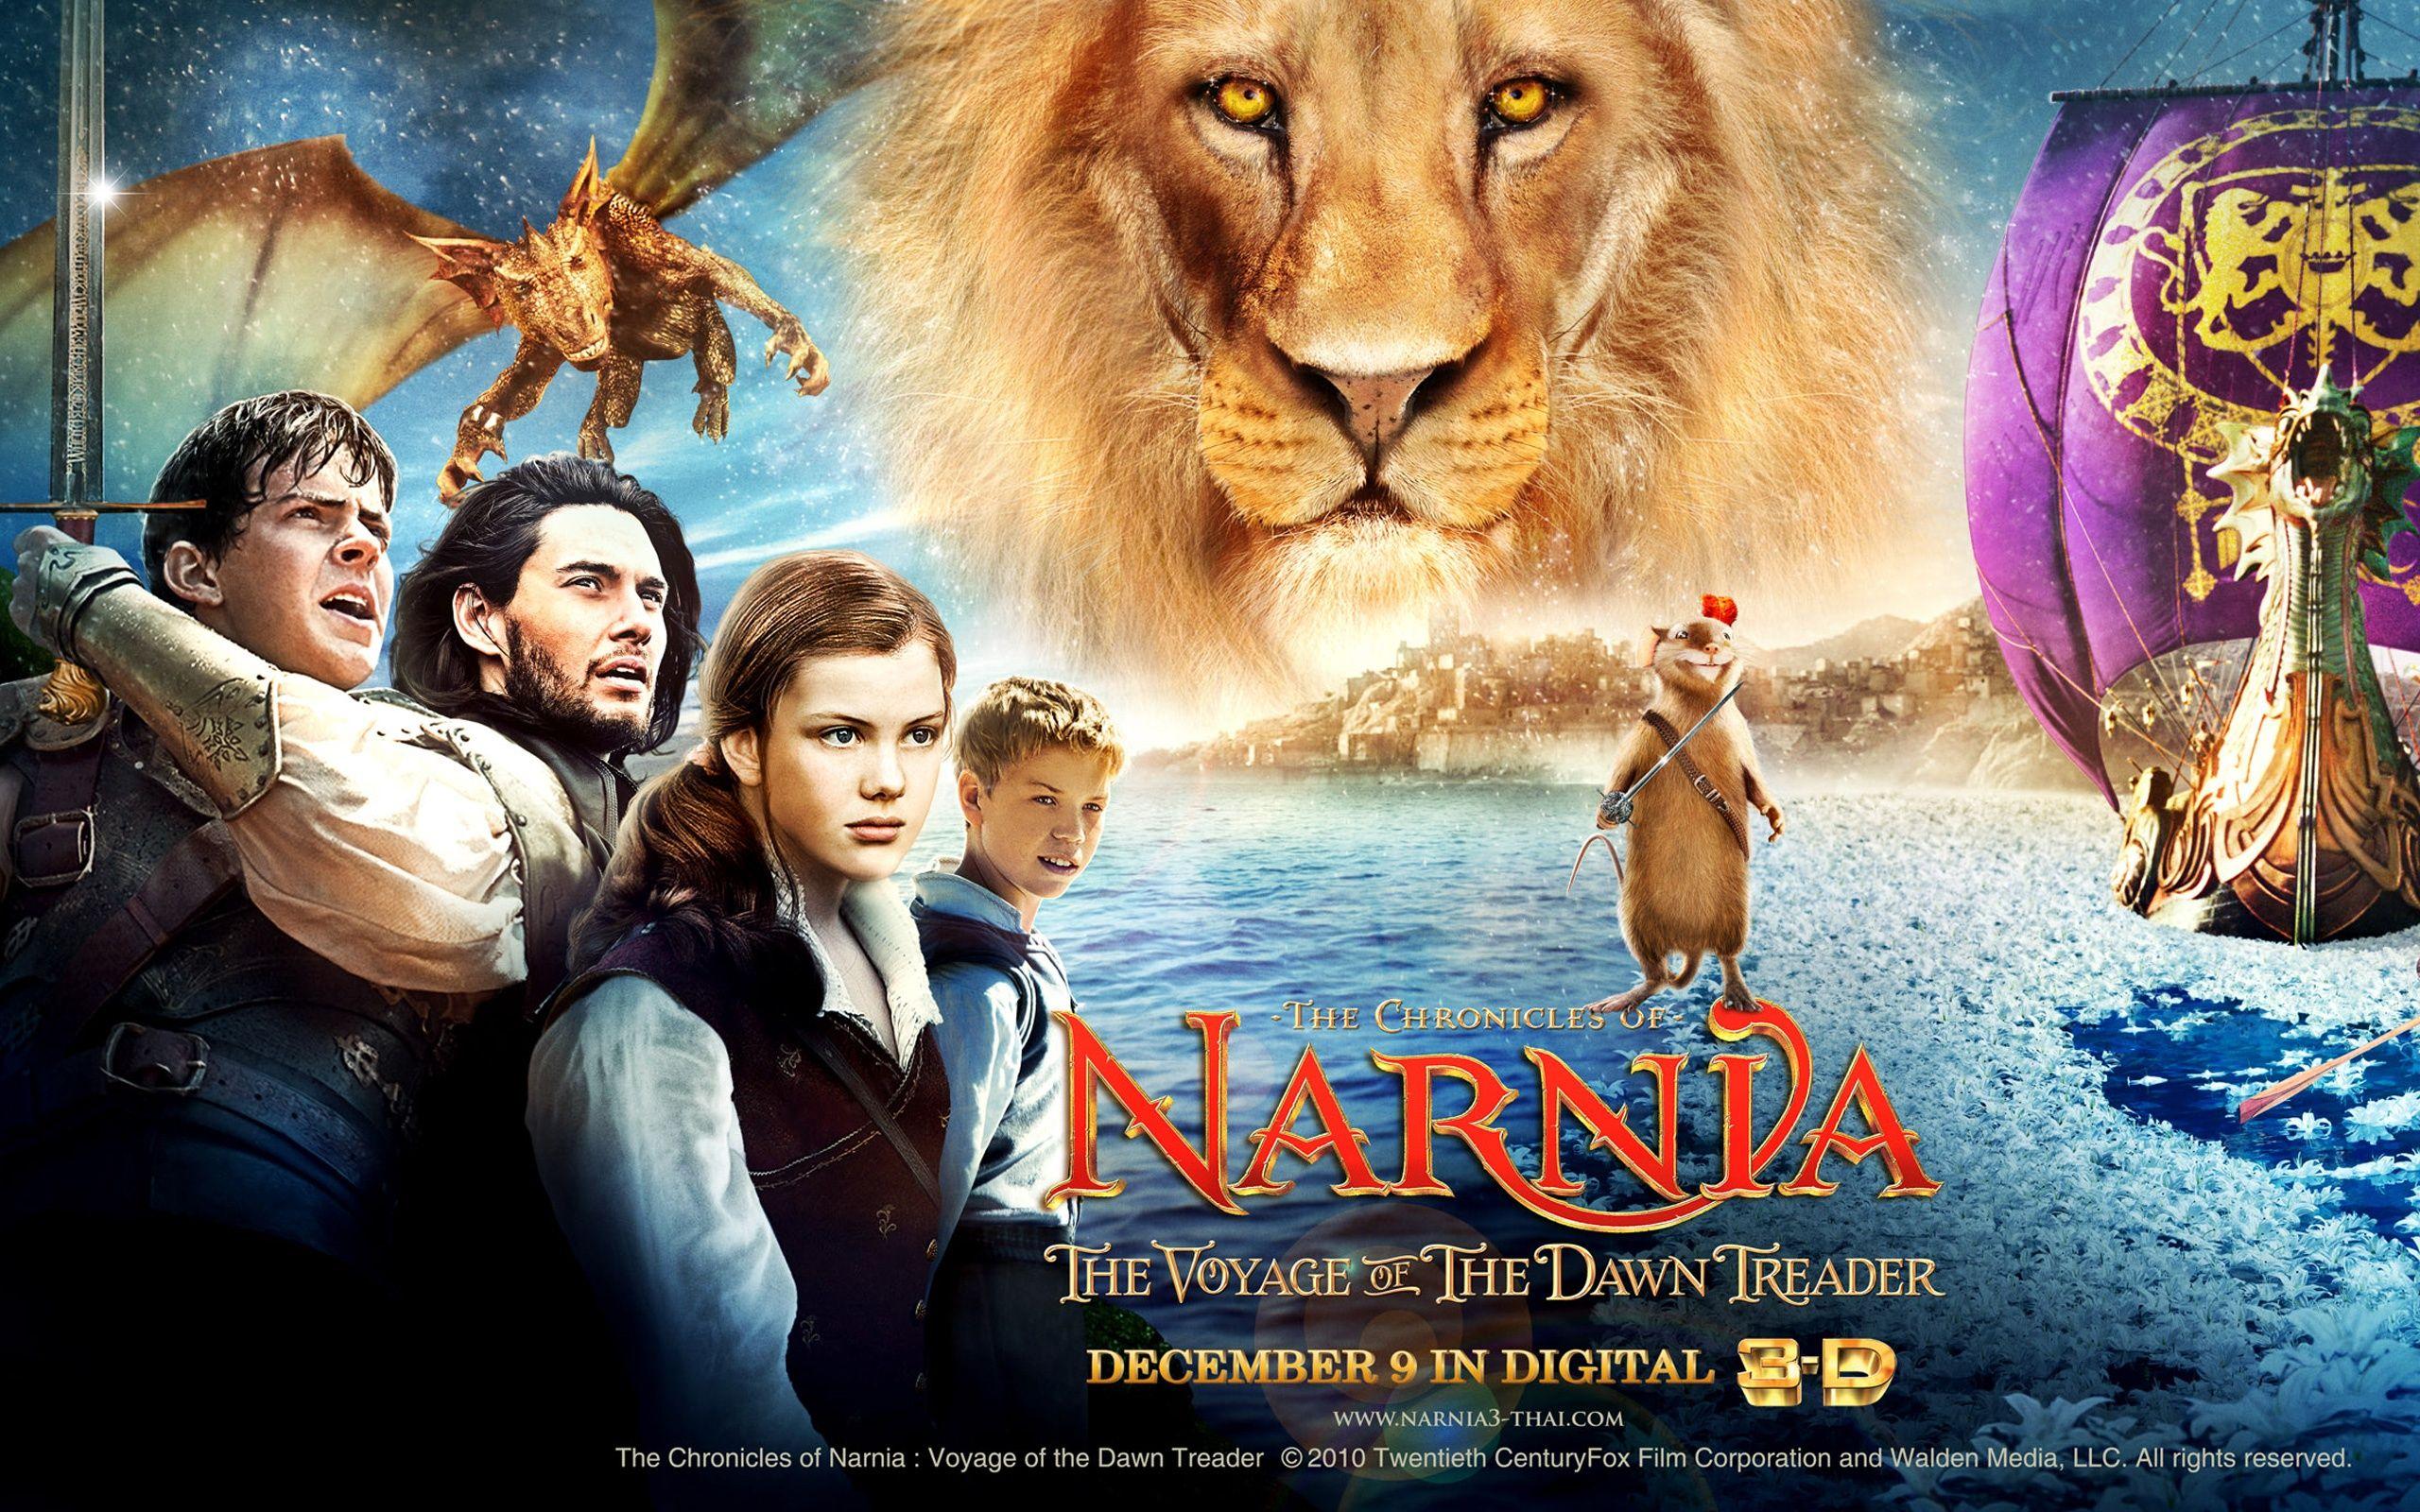 Las Cronicas De Narnia La Travesia Del Viajero Del Alba 2010 The Chronicles Pf Narnia The Voyage Of The D Chronicles Of Narnia Narnia Narnia Movies